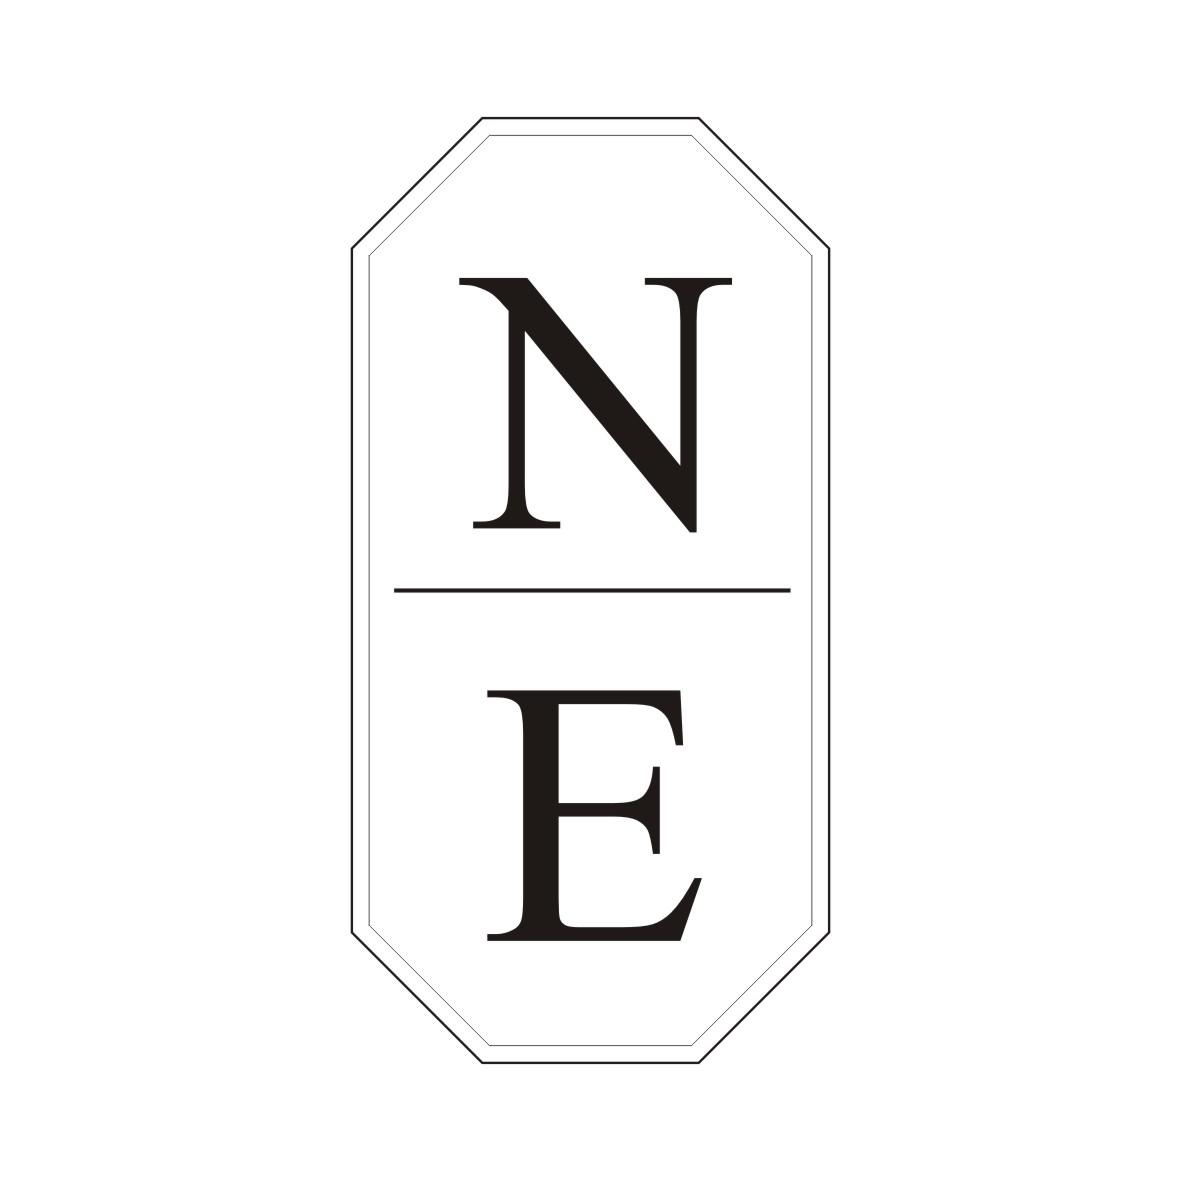 09类-科学仪器NE商标转让